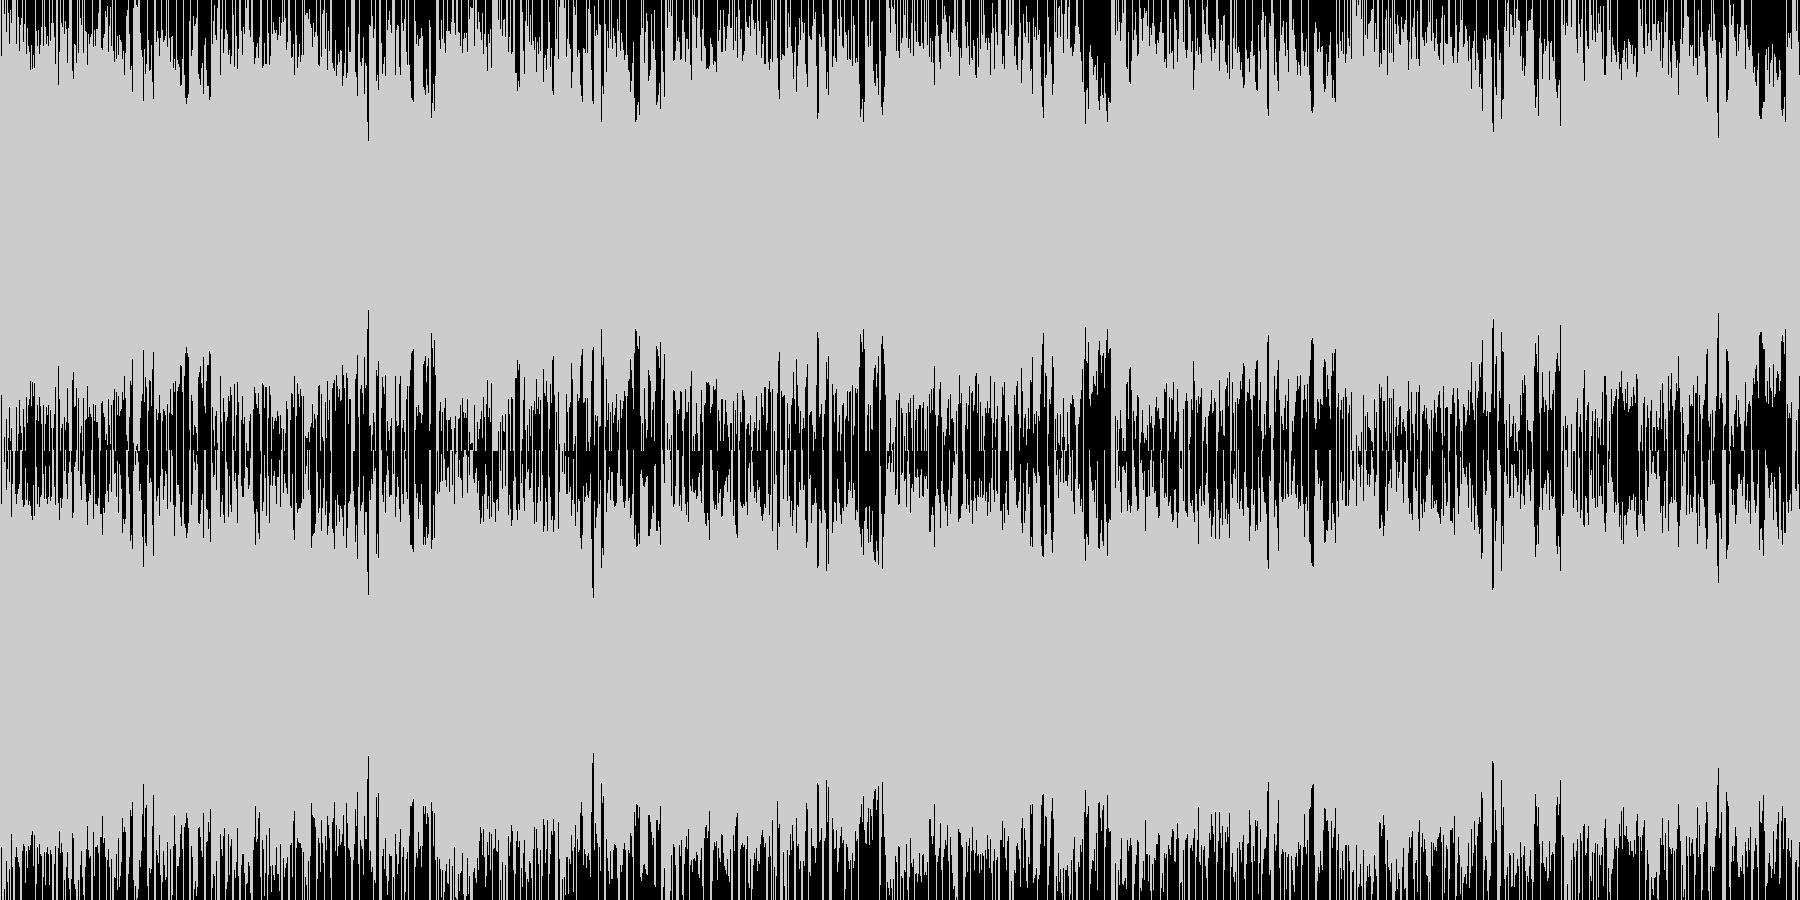 EDっぽい曲の未再生の波形